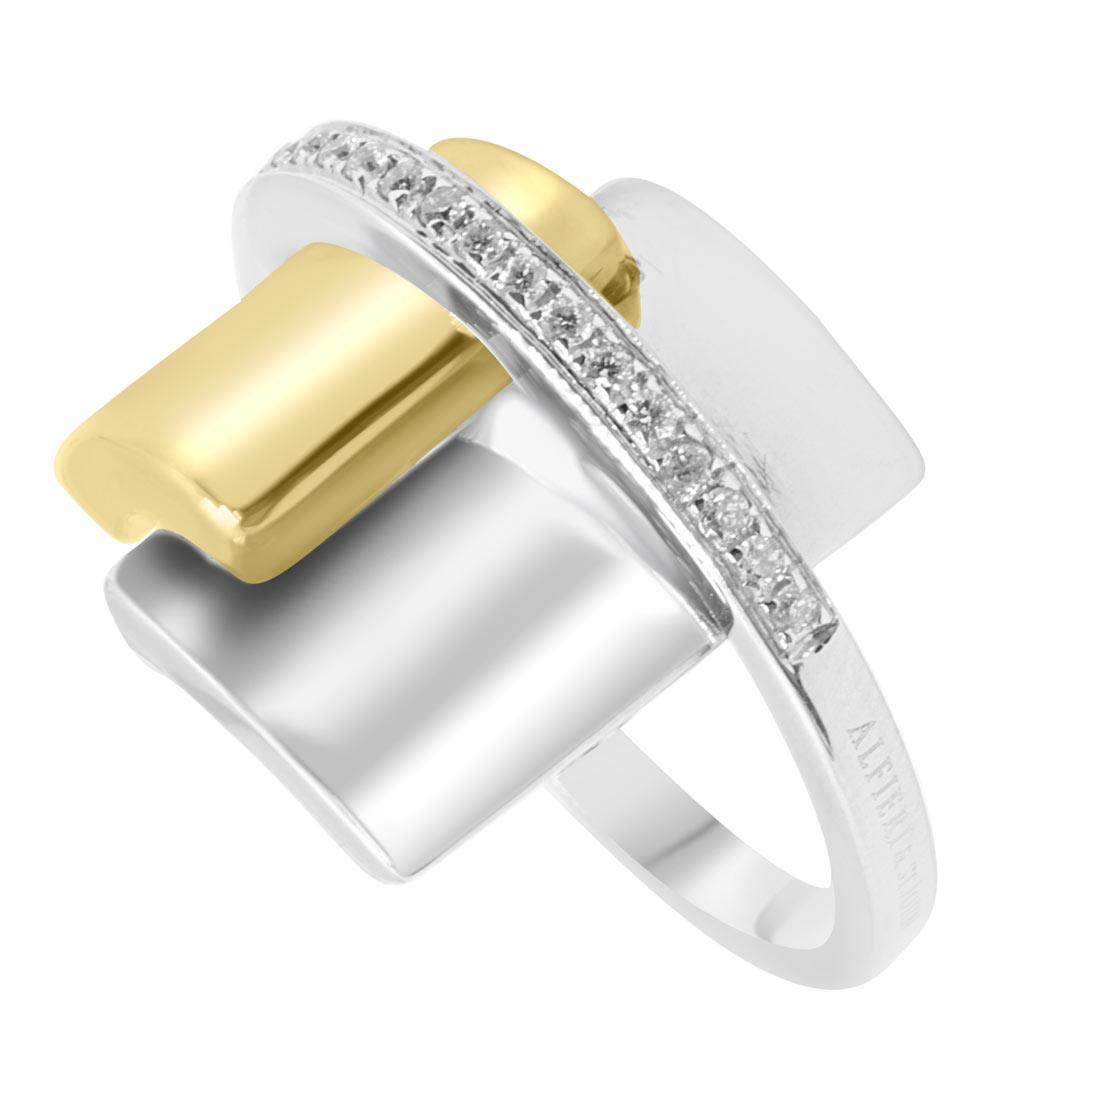 Anello in oro bianco e giallo con diamanti mis 13 - ALFIERI & ST. JOHN